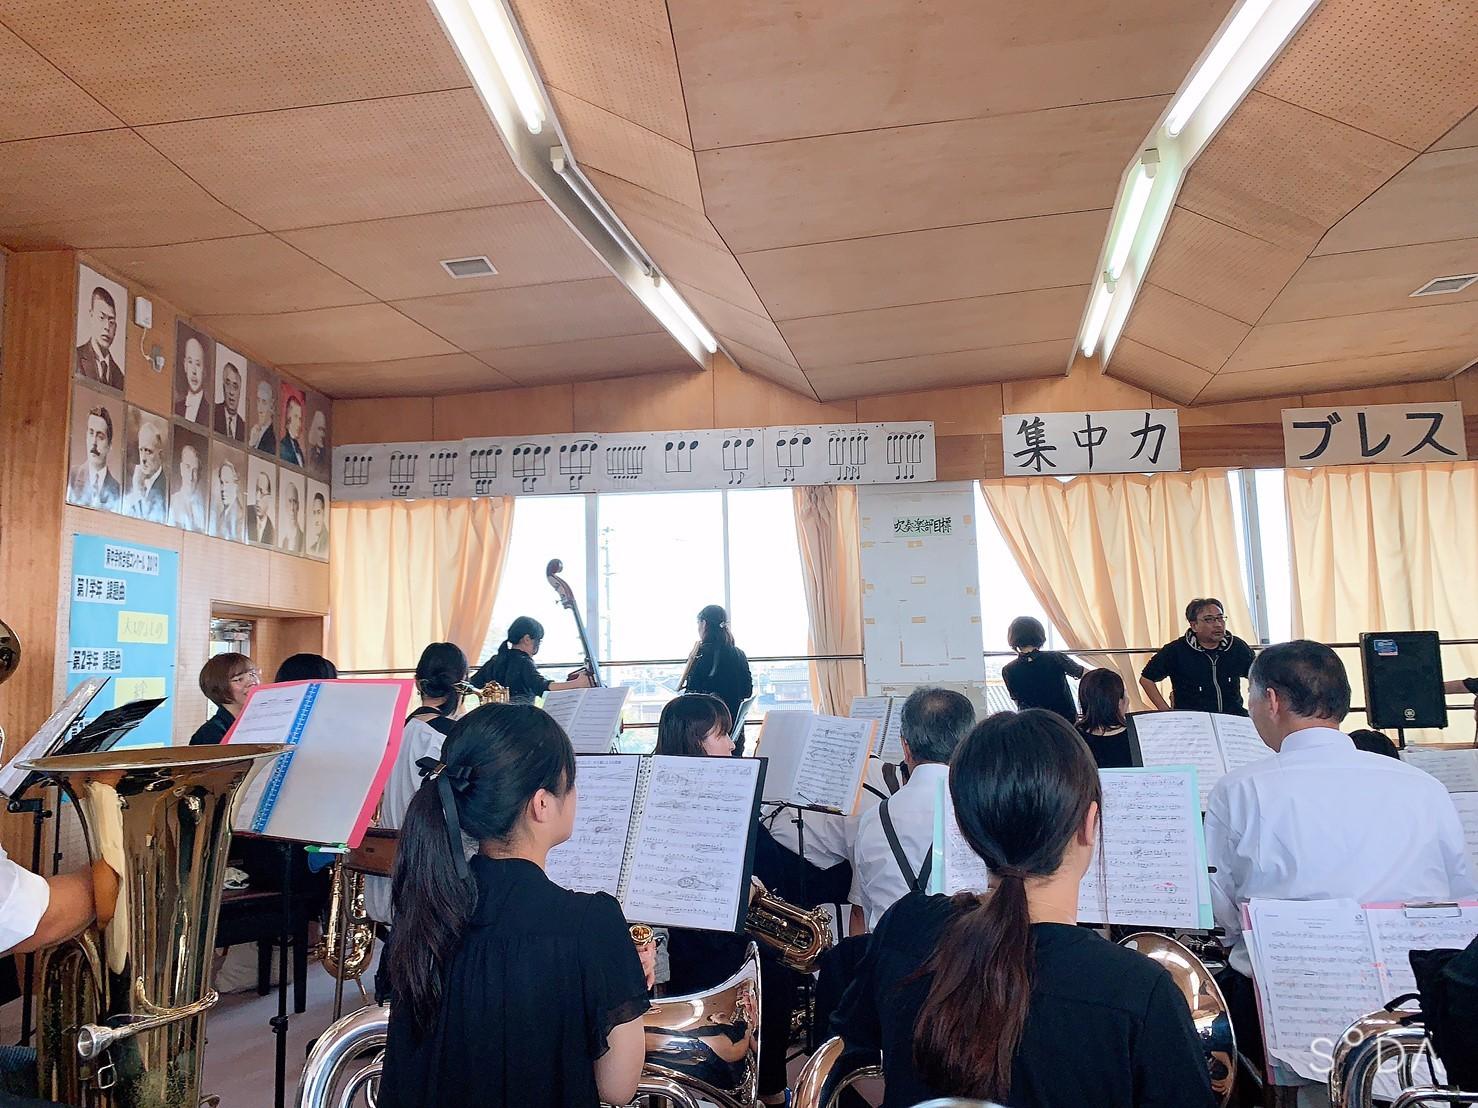 東 関東 吹奏楽 コンクール 2019 結果